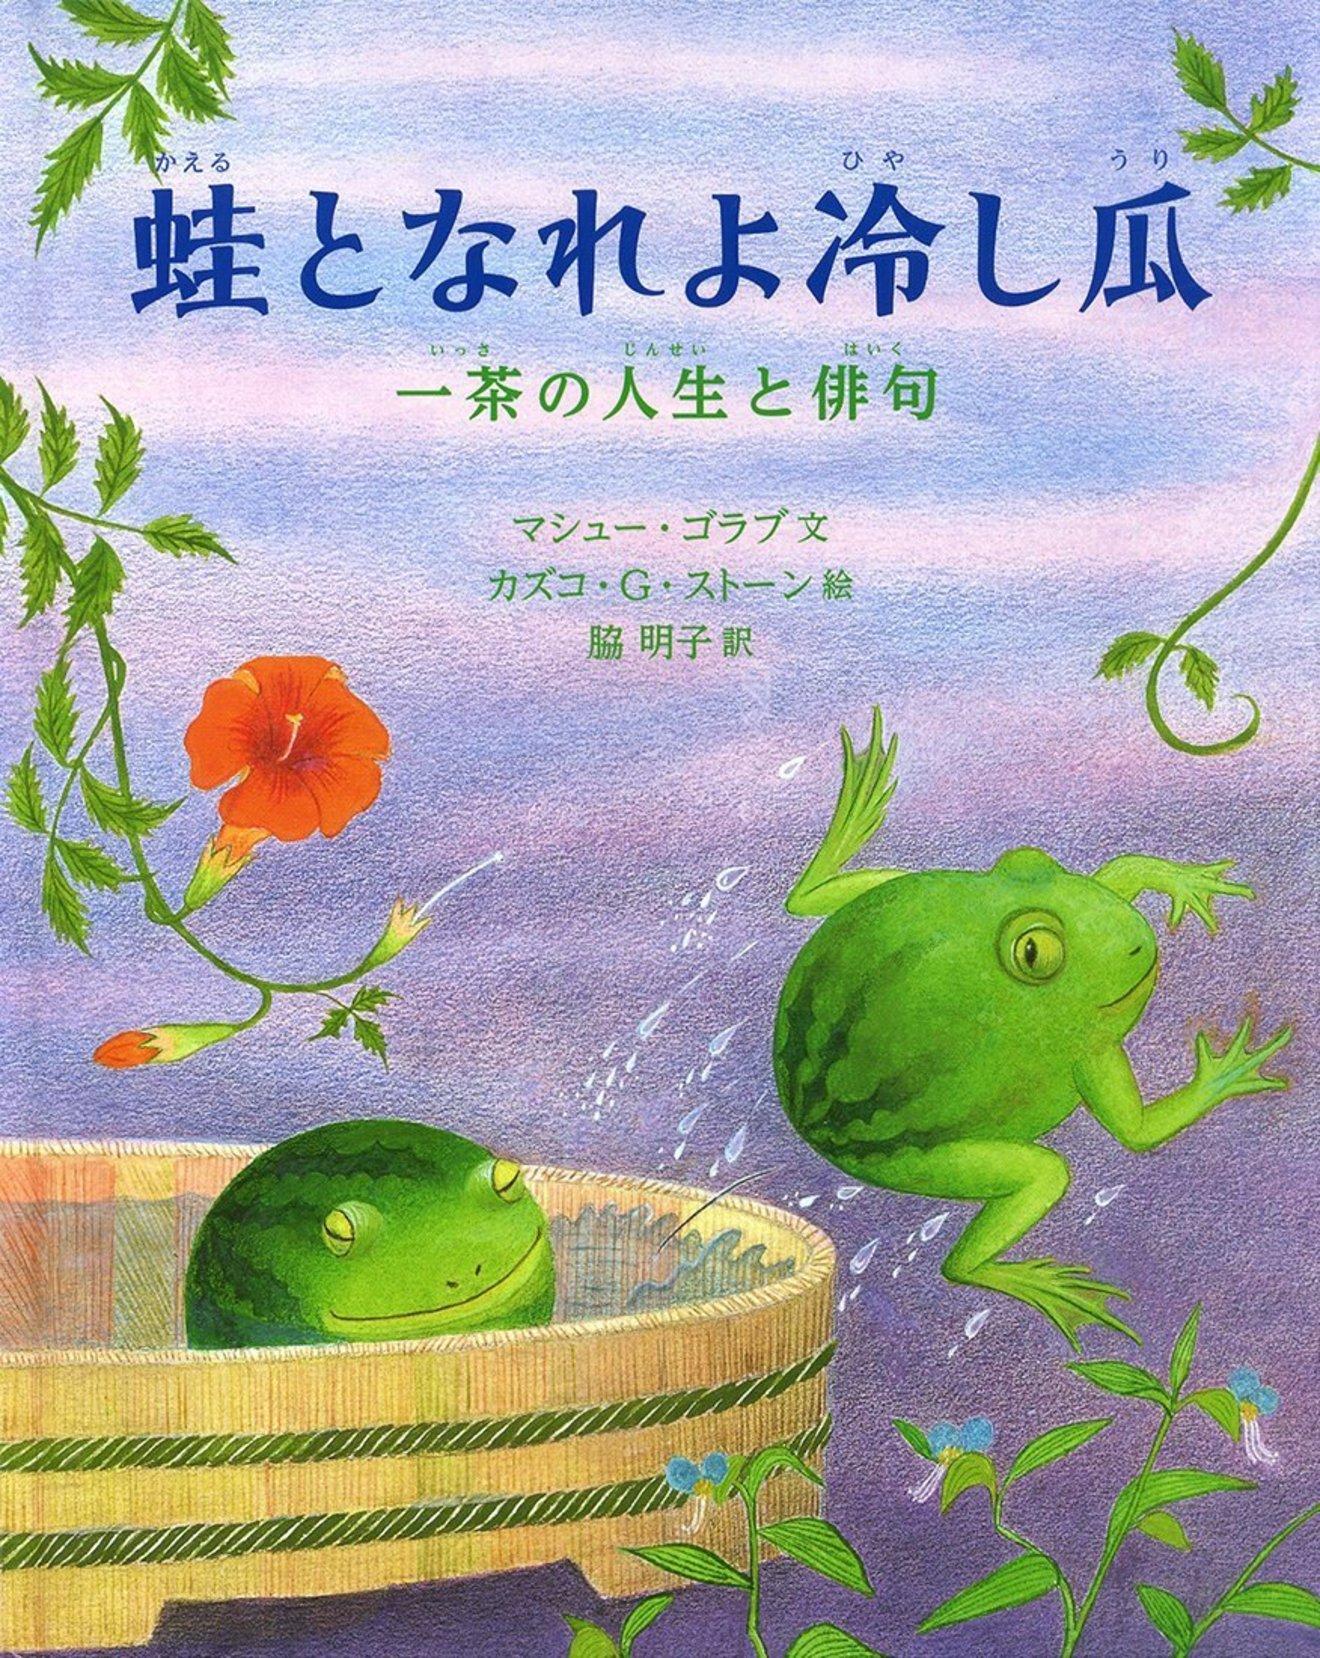 小林一茶にまつわる不幸な逸話6選!彼にまつわる5冊の本も紹介